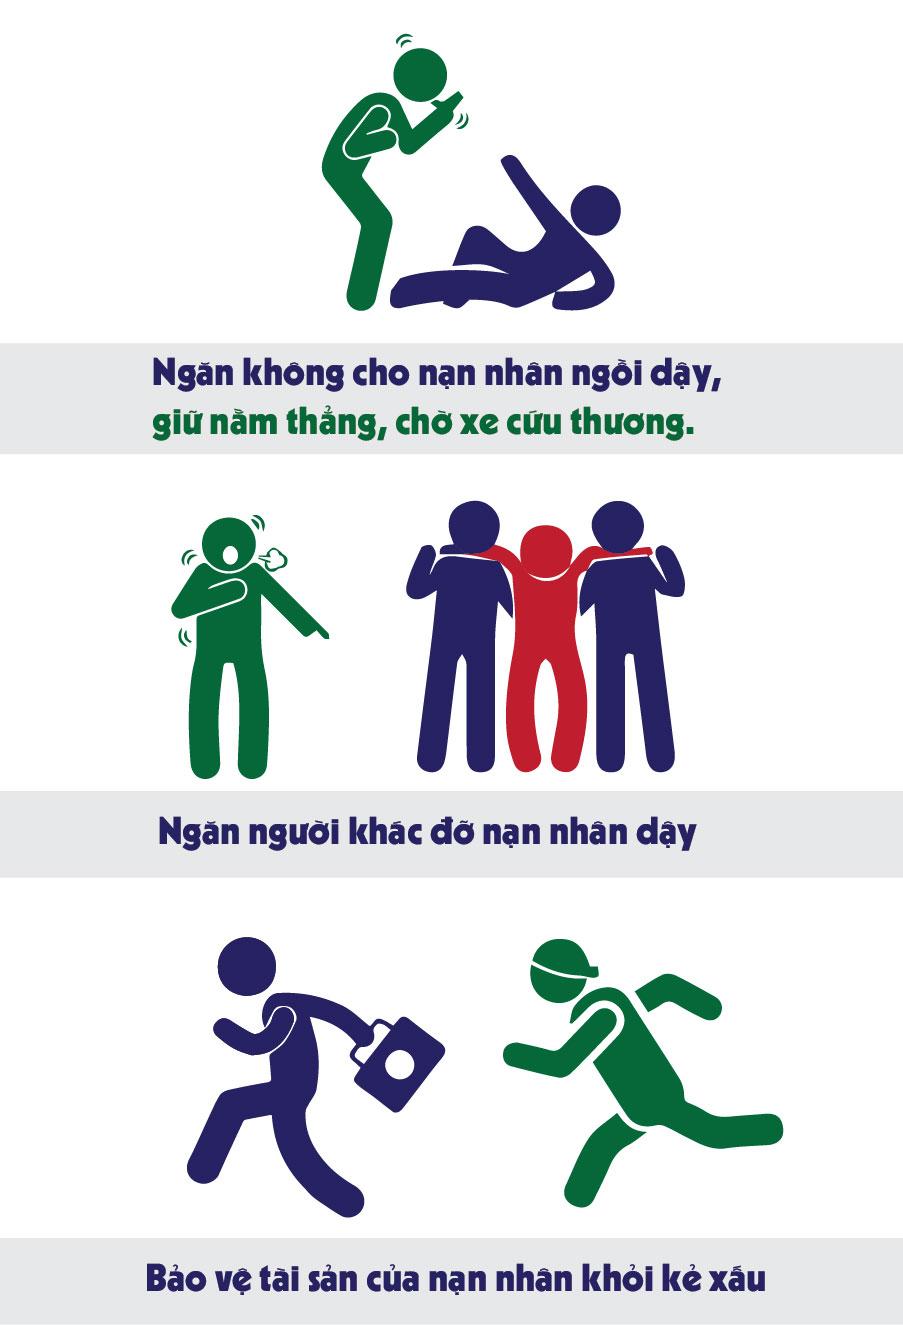 Infographic: Điều tuyệt đối cấm khi sơ cứu người bị TNGT - 4